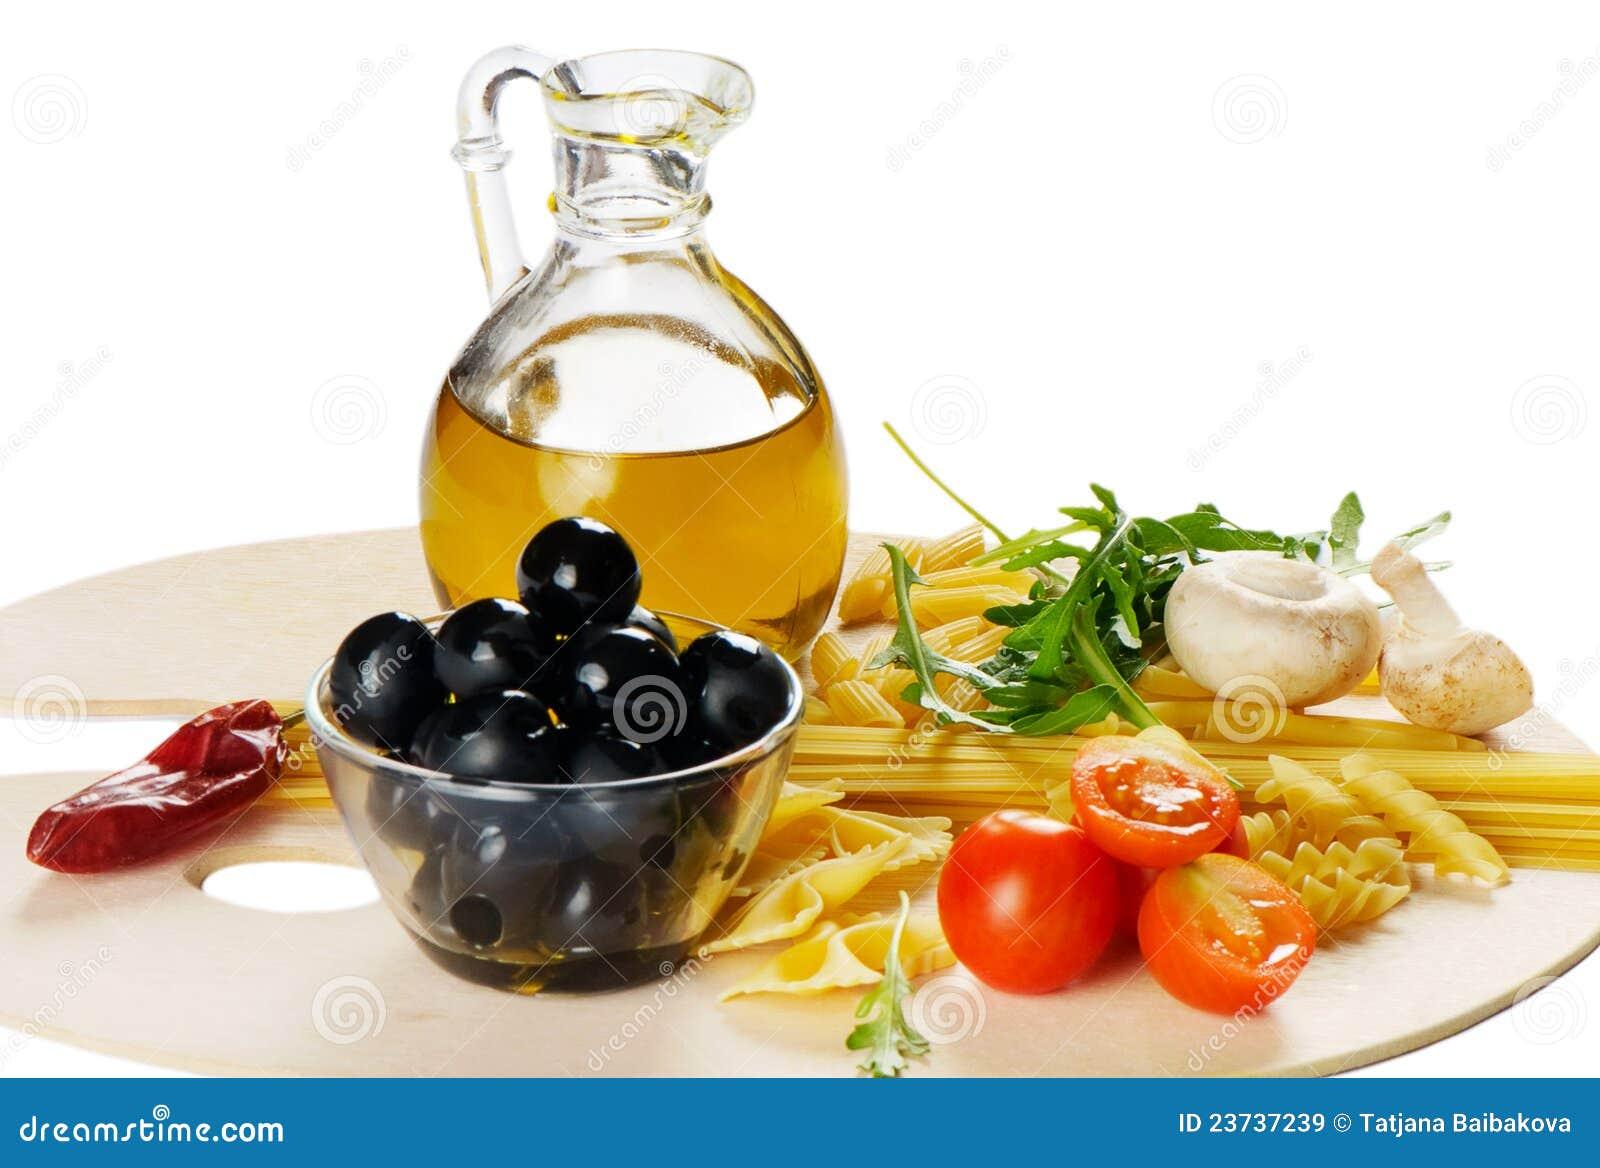 italienische küche | bnbnews.co - Italien Küche